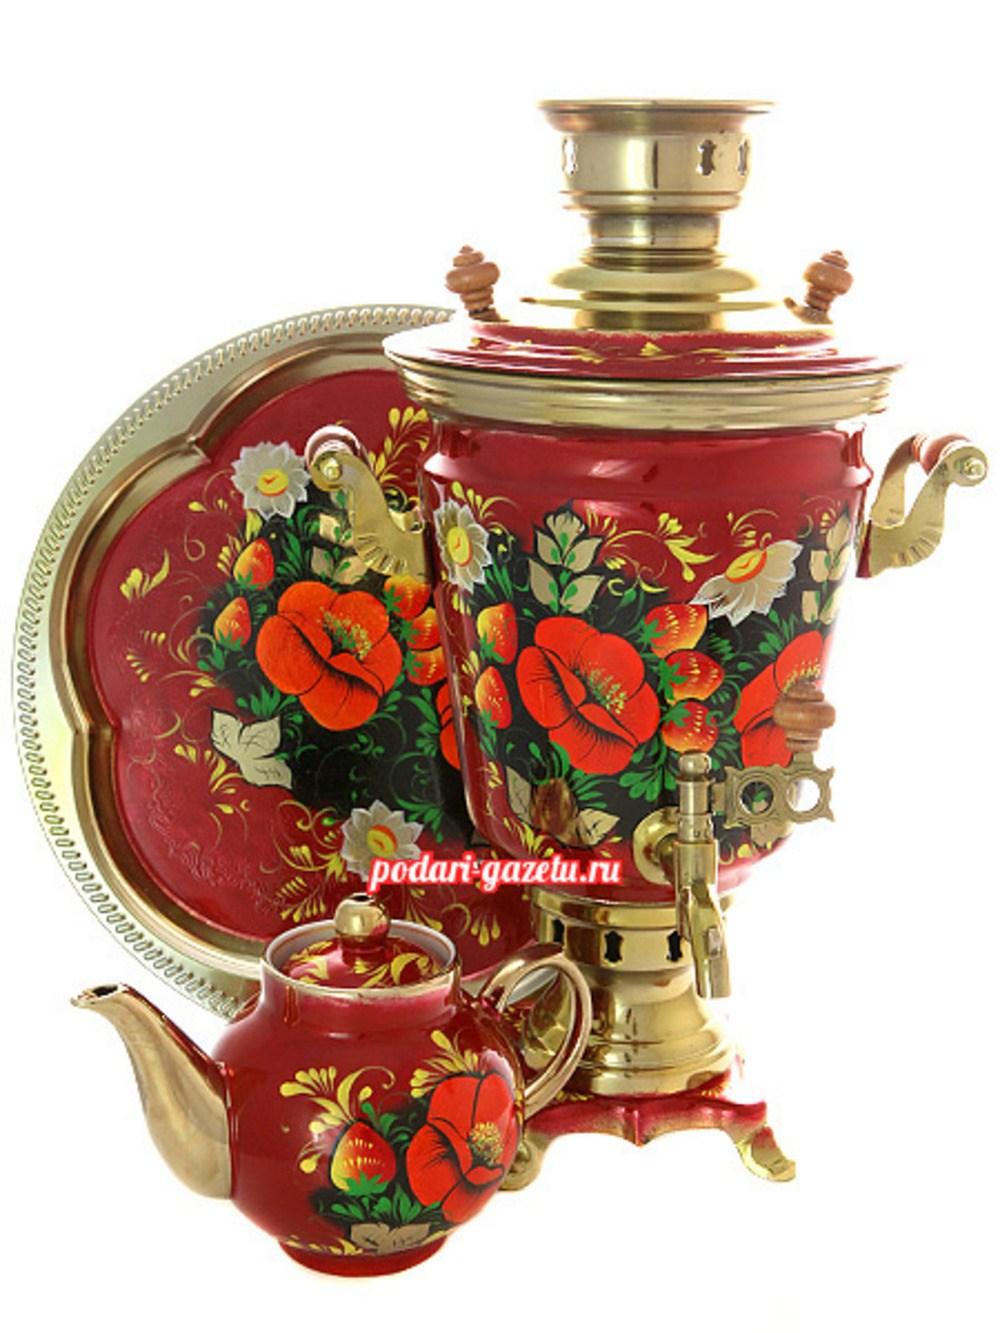 Набор: электрический самовар на 4 литра с художественной росписью Маки на бордовом фоне